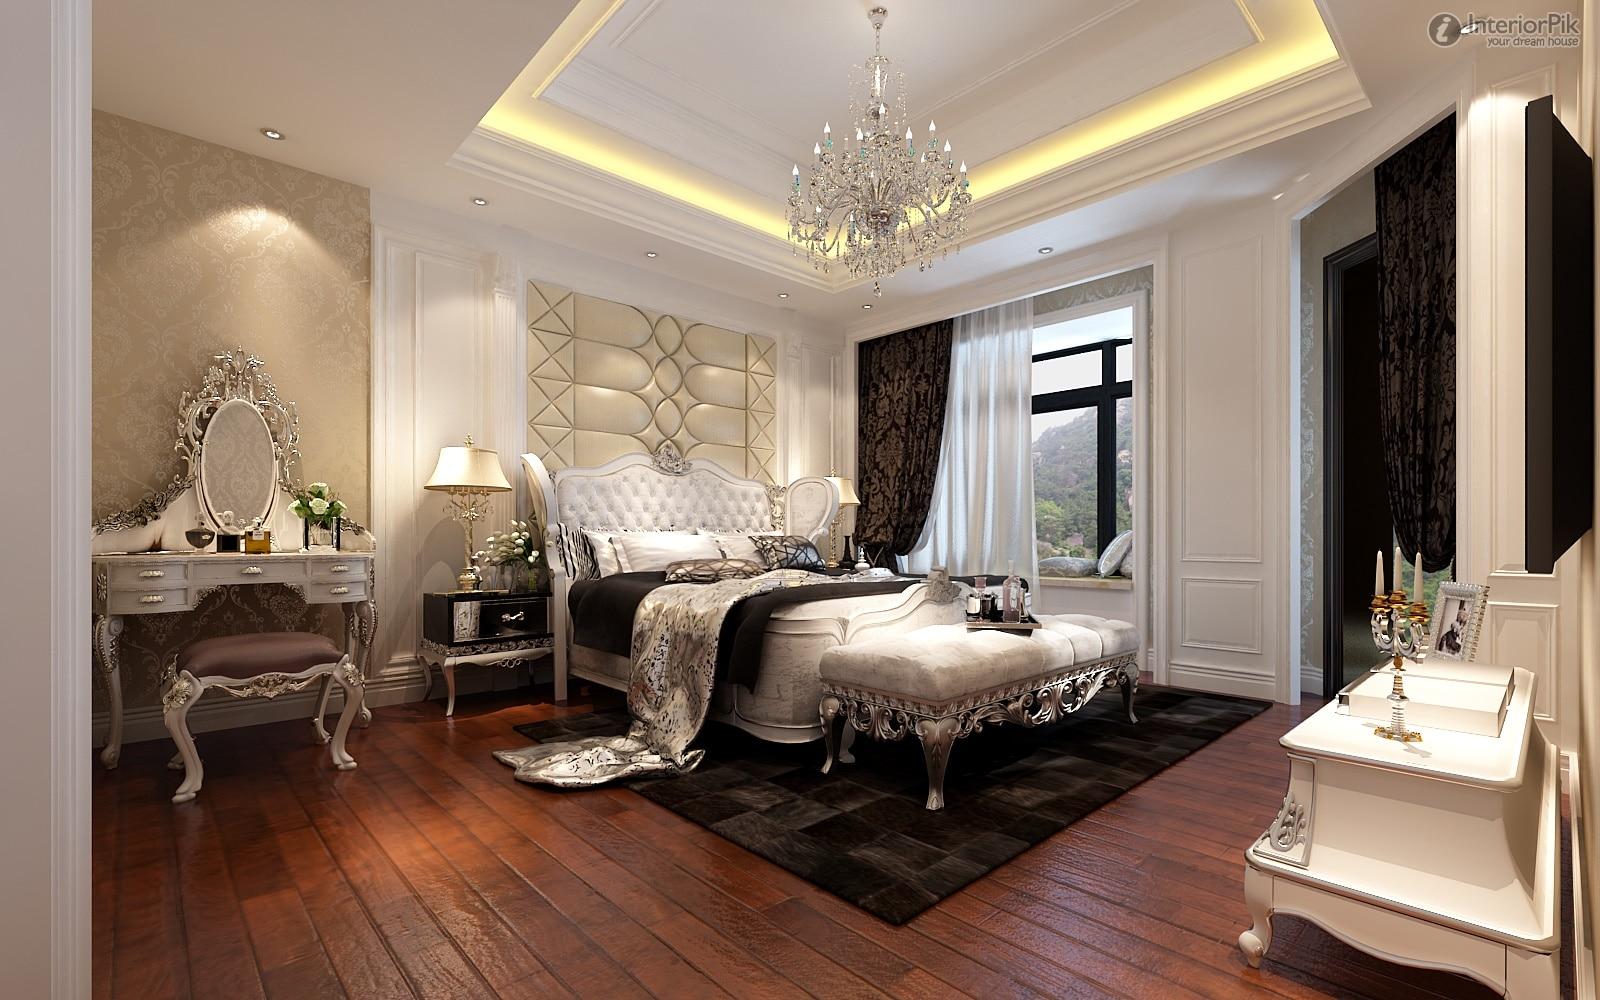 Gia chủ nên chọn chất liệu gỗ tự nhiên hoặc gỗ công nghiệp để trang trí không gian phòng ngủ